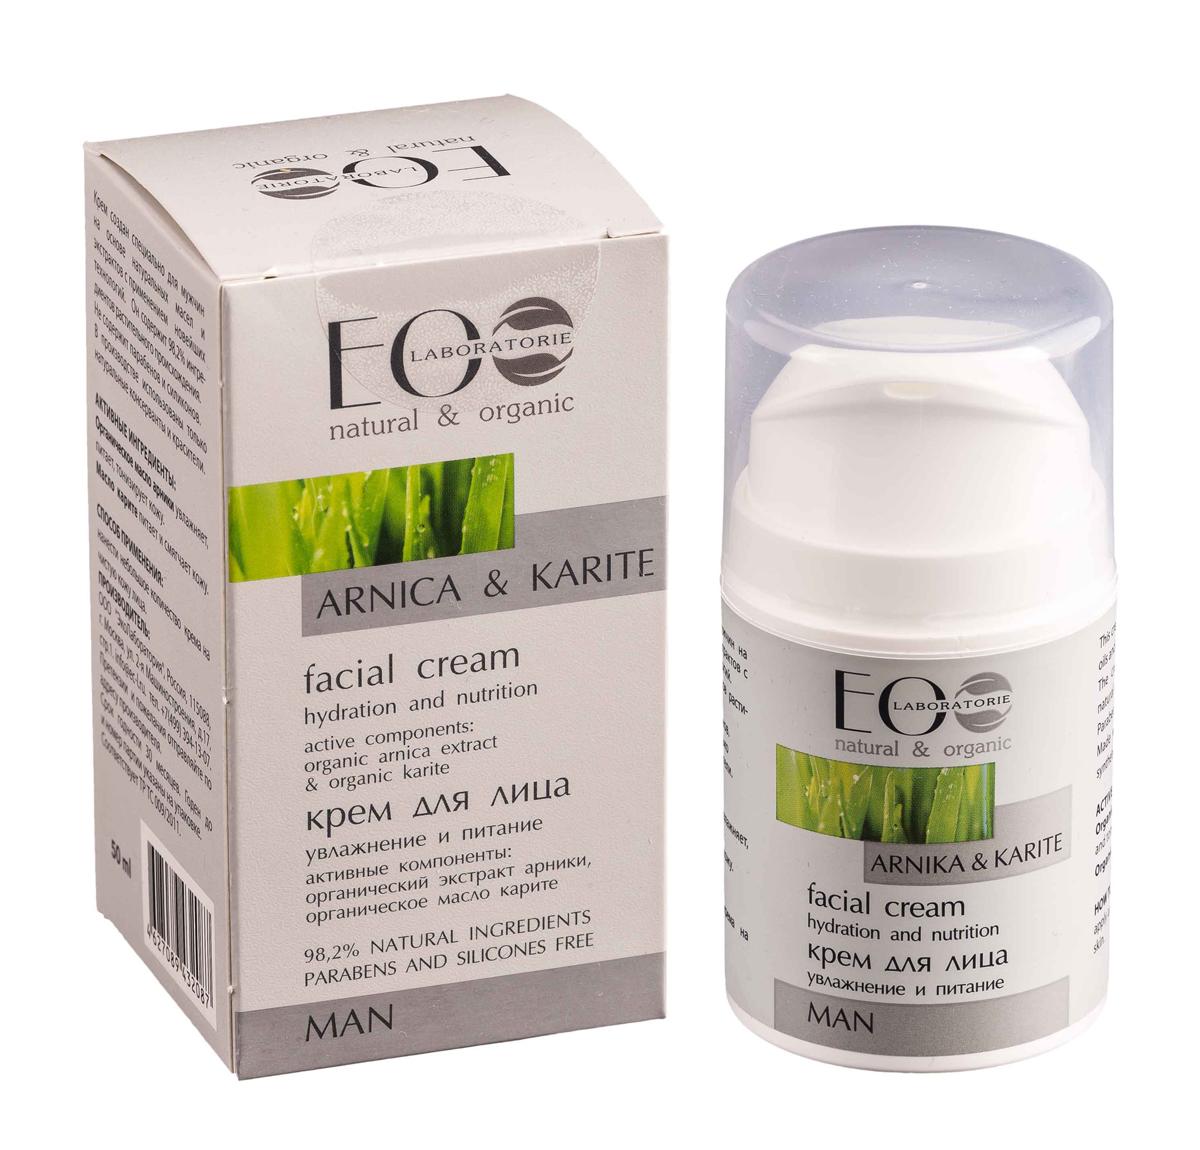 EO laboratorie Крем для лица (глубокое увлажнение и питание) 50 мл4627089431677Он содержит 98,2% ингредиентов растительного происхождения. Не содержит парабенов и силиконов. В производстве использованы только натуральные консерванты и красители. АКТИВНЫЕ ИНГРЕДИЕНТЫ: Органическое масло арники увлажняет, питает, тонизирует кожу. Масло карите питает и смягчает кожу.